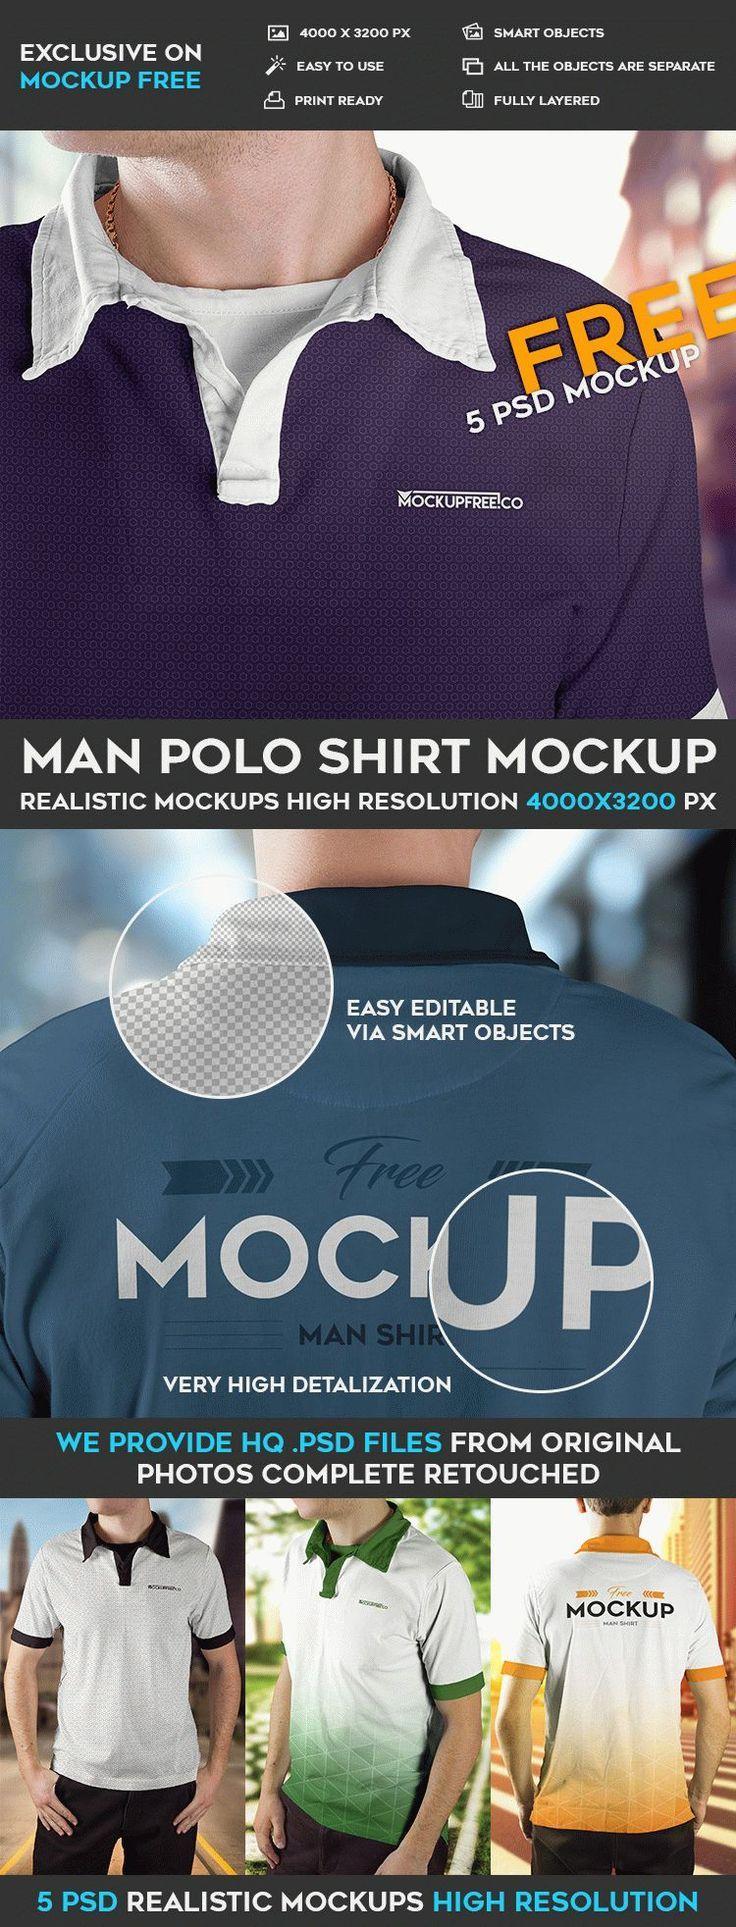 Download 5 Free Man Polo Shirt Psd Mockups Free Psd Templates Free Photoshop Mockup Psd Man Polo Shirt Mockup Free Psd Tshirt Mockup Free Clothing Mockup